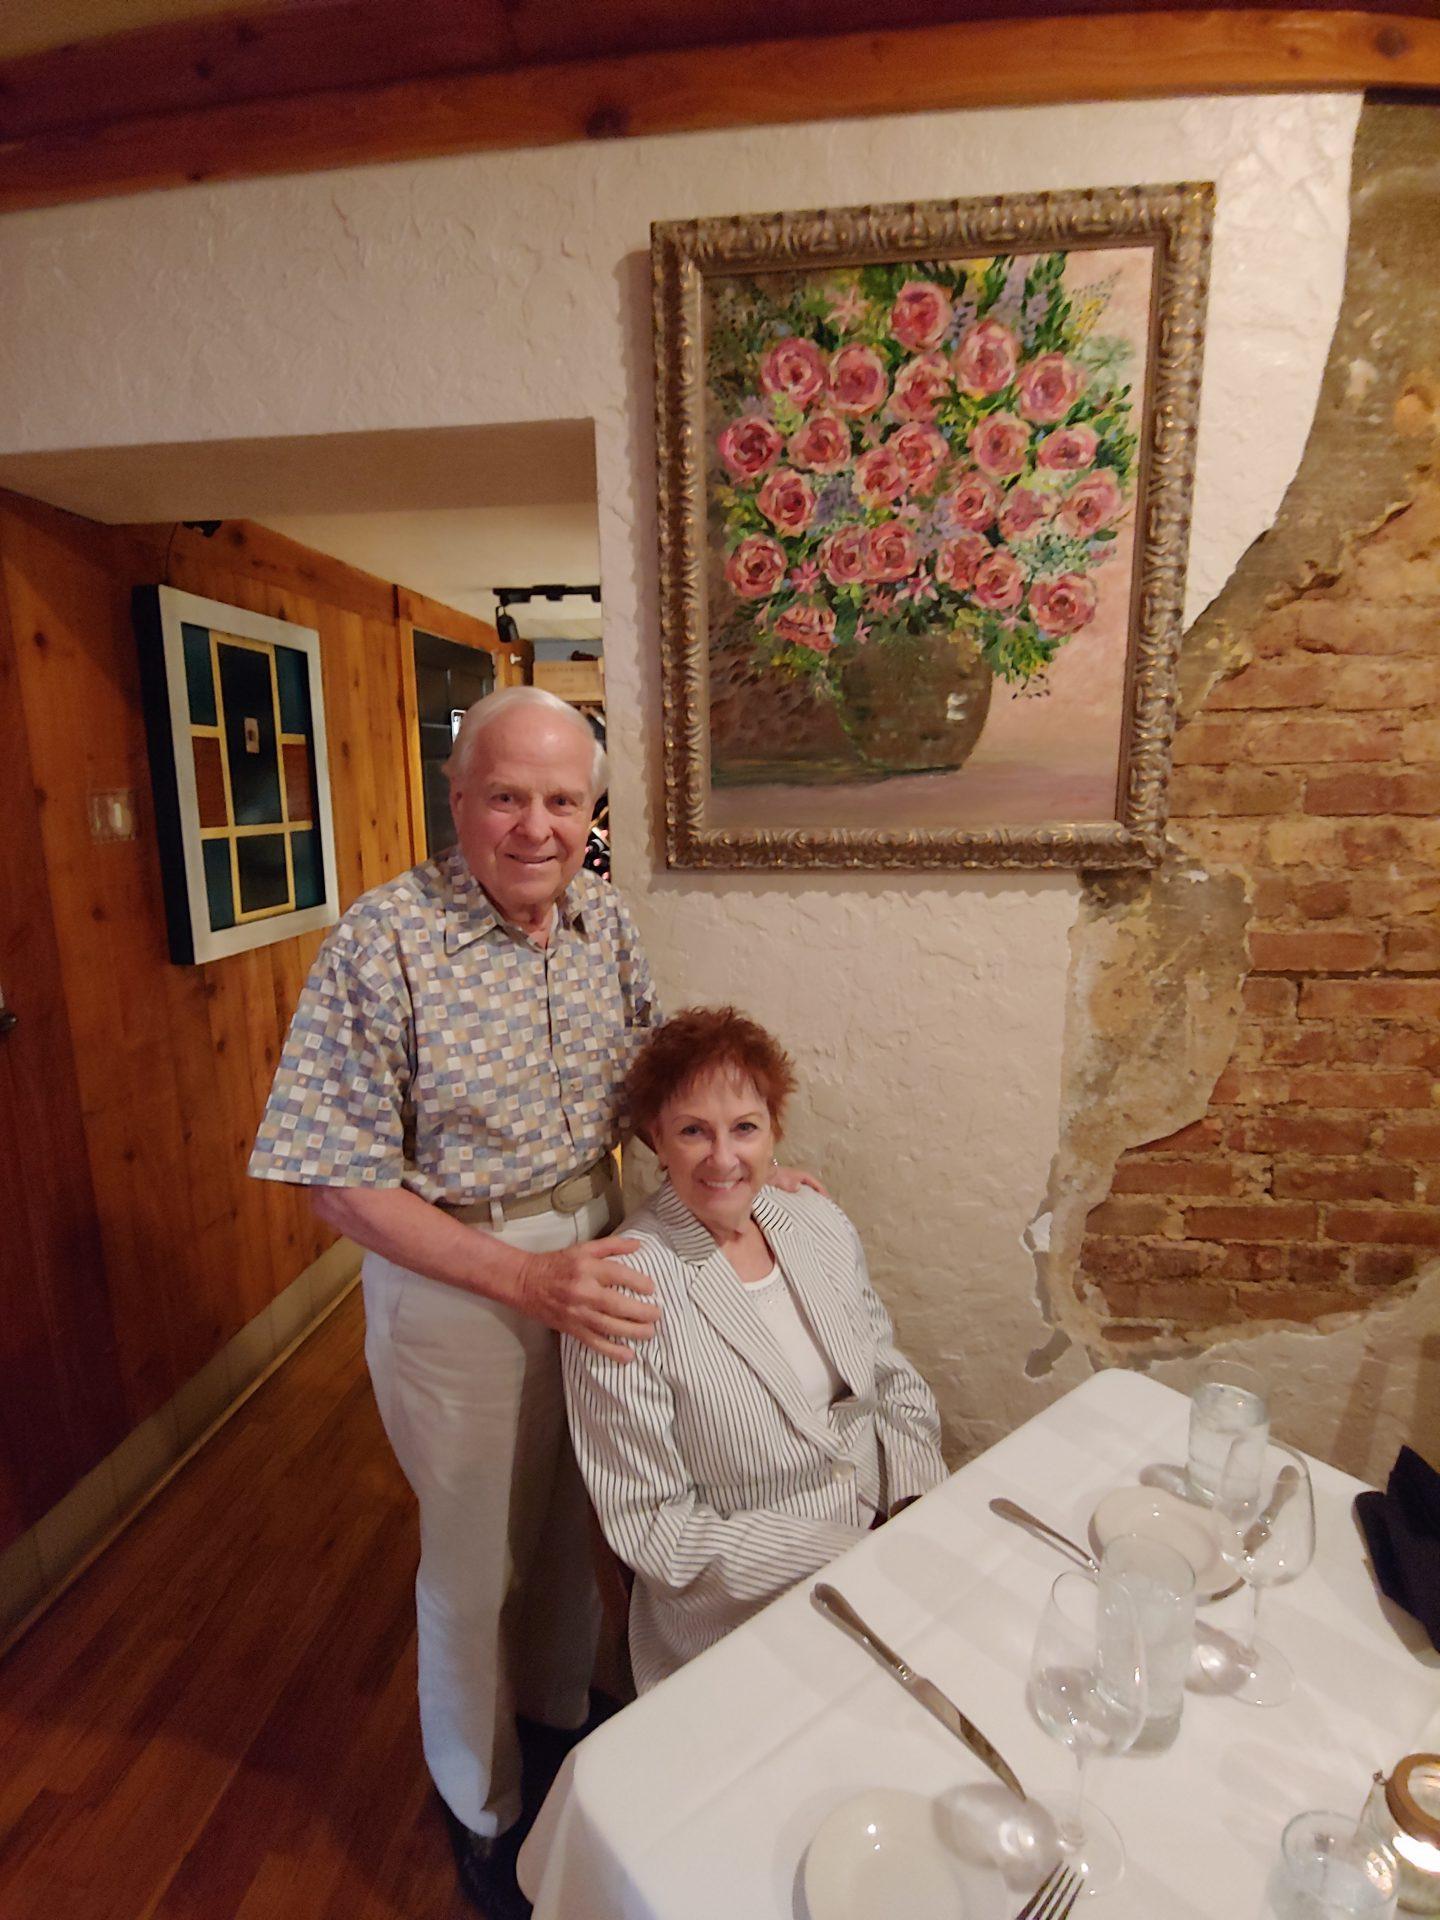 Geraldine and George